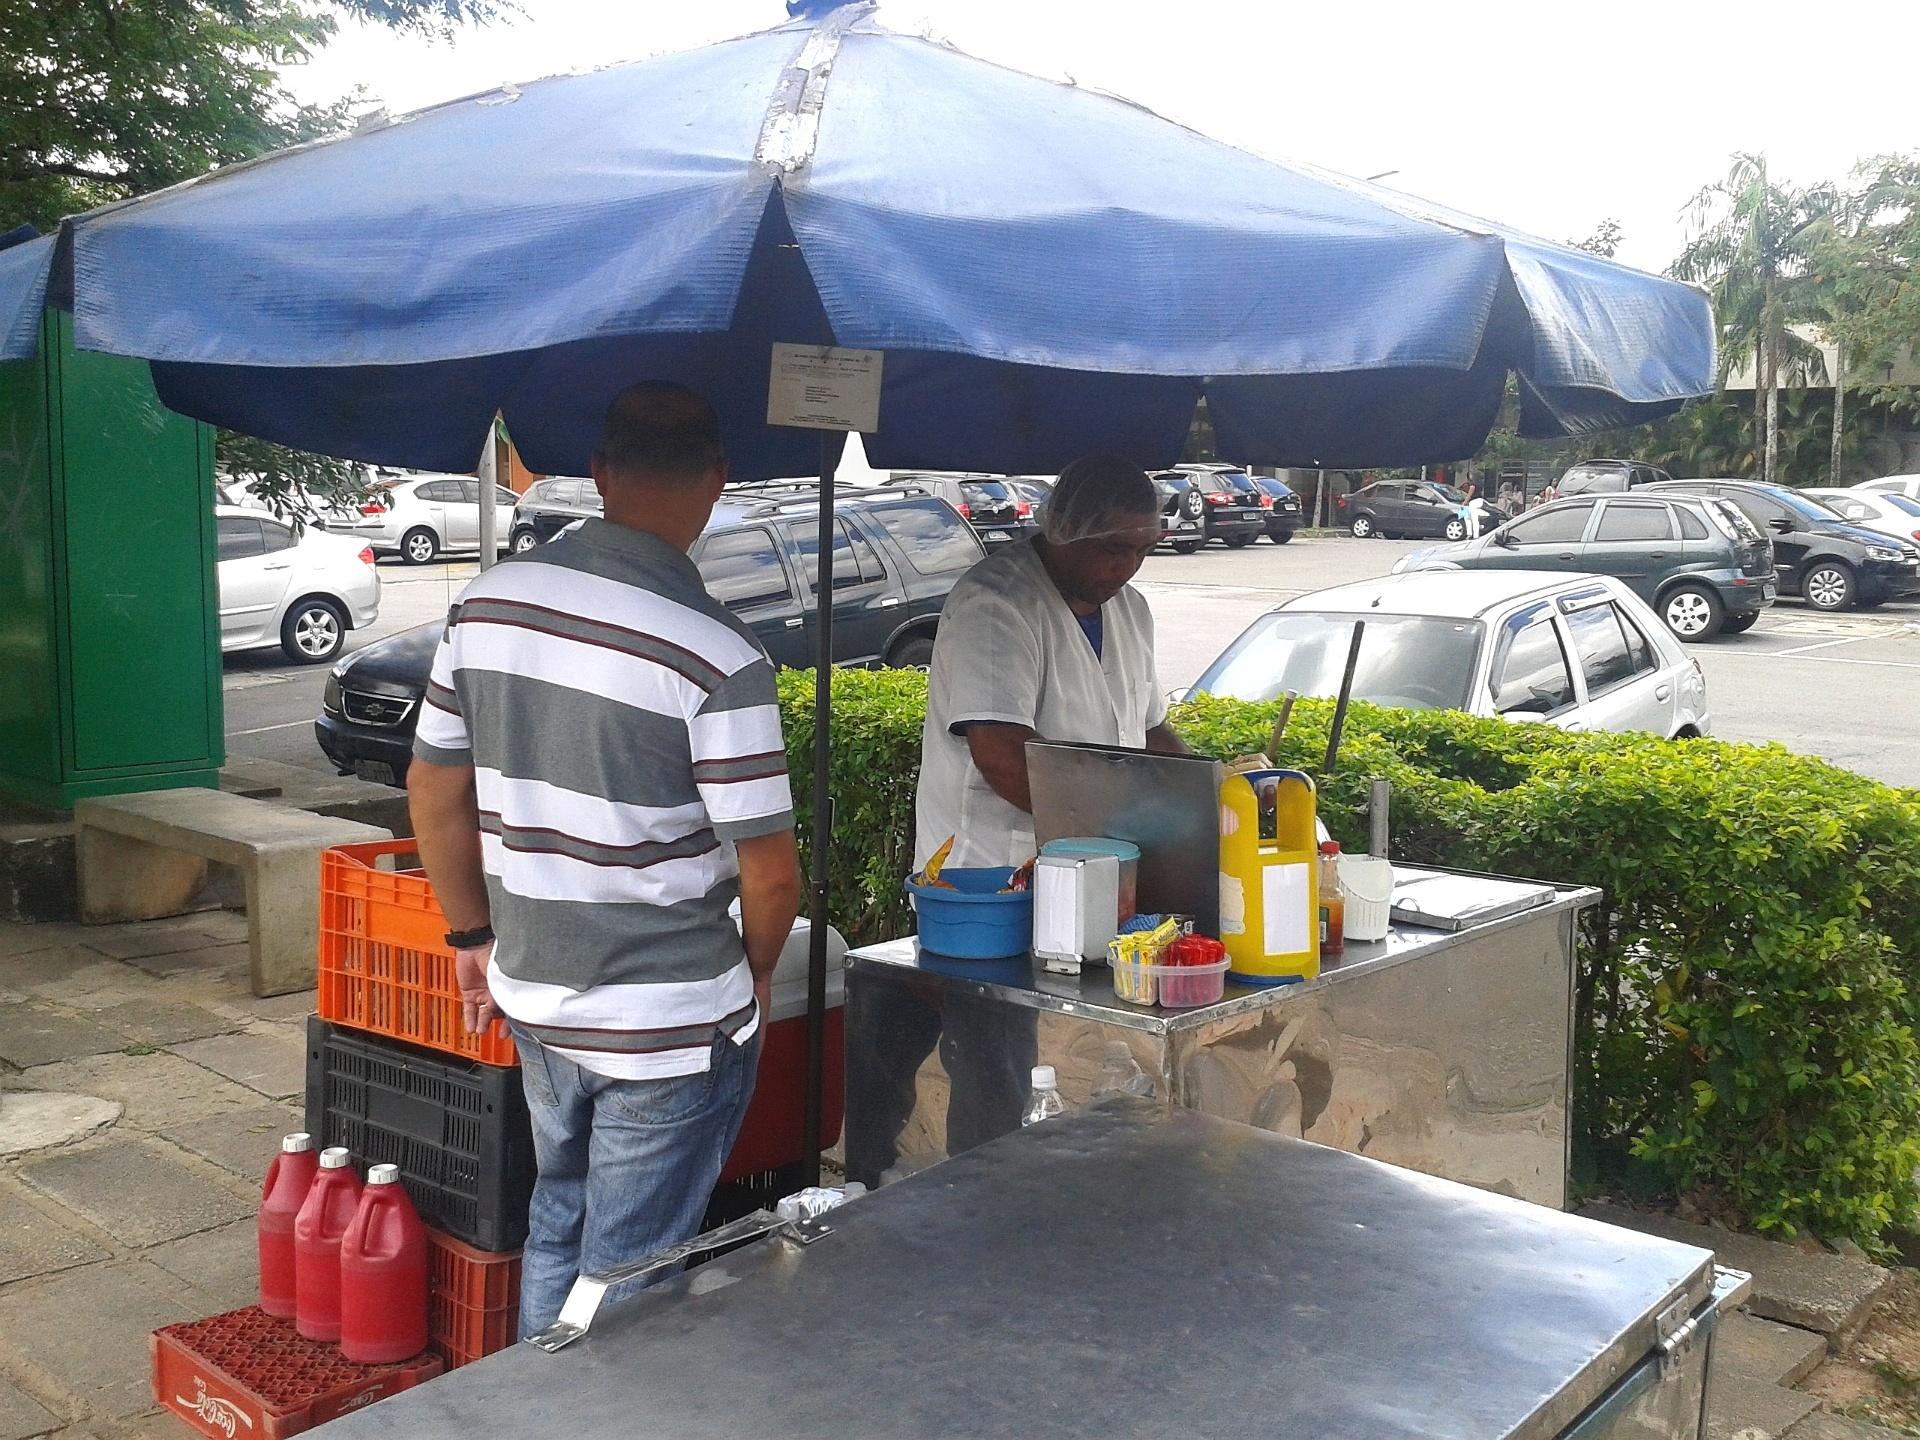 Cícero Salvador de Santana, vendedor de hot dog no campus da USP (Universidade de São Paulo), na capital paulista